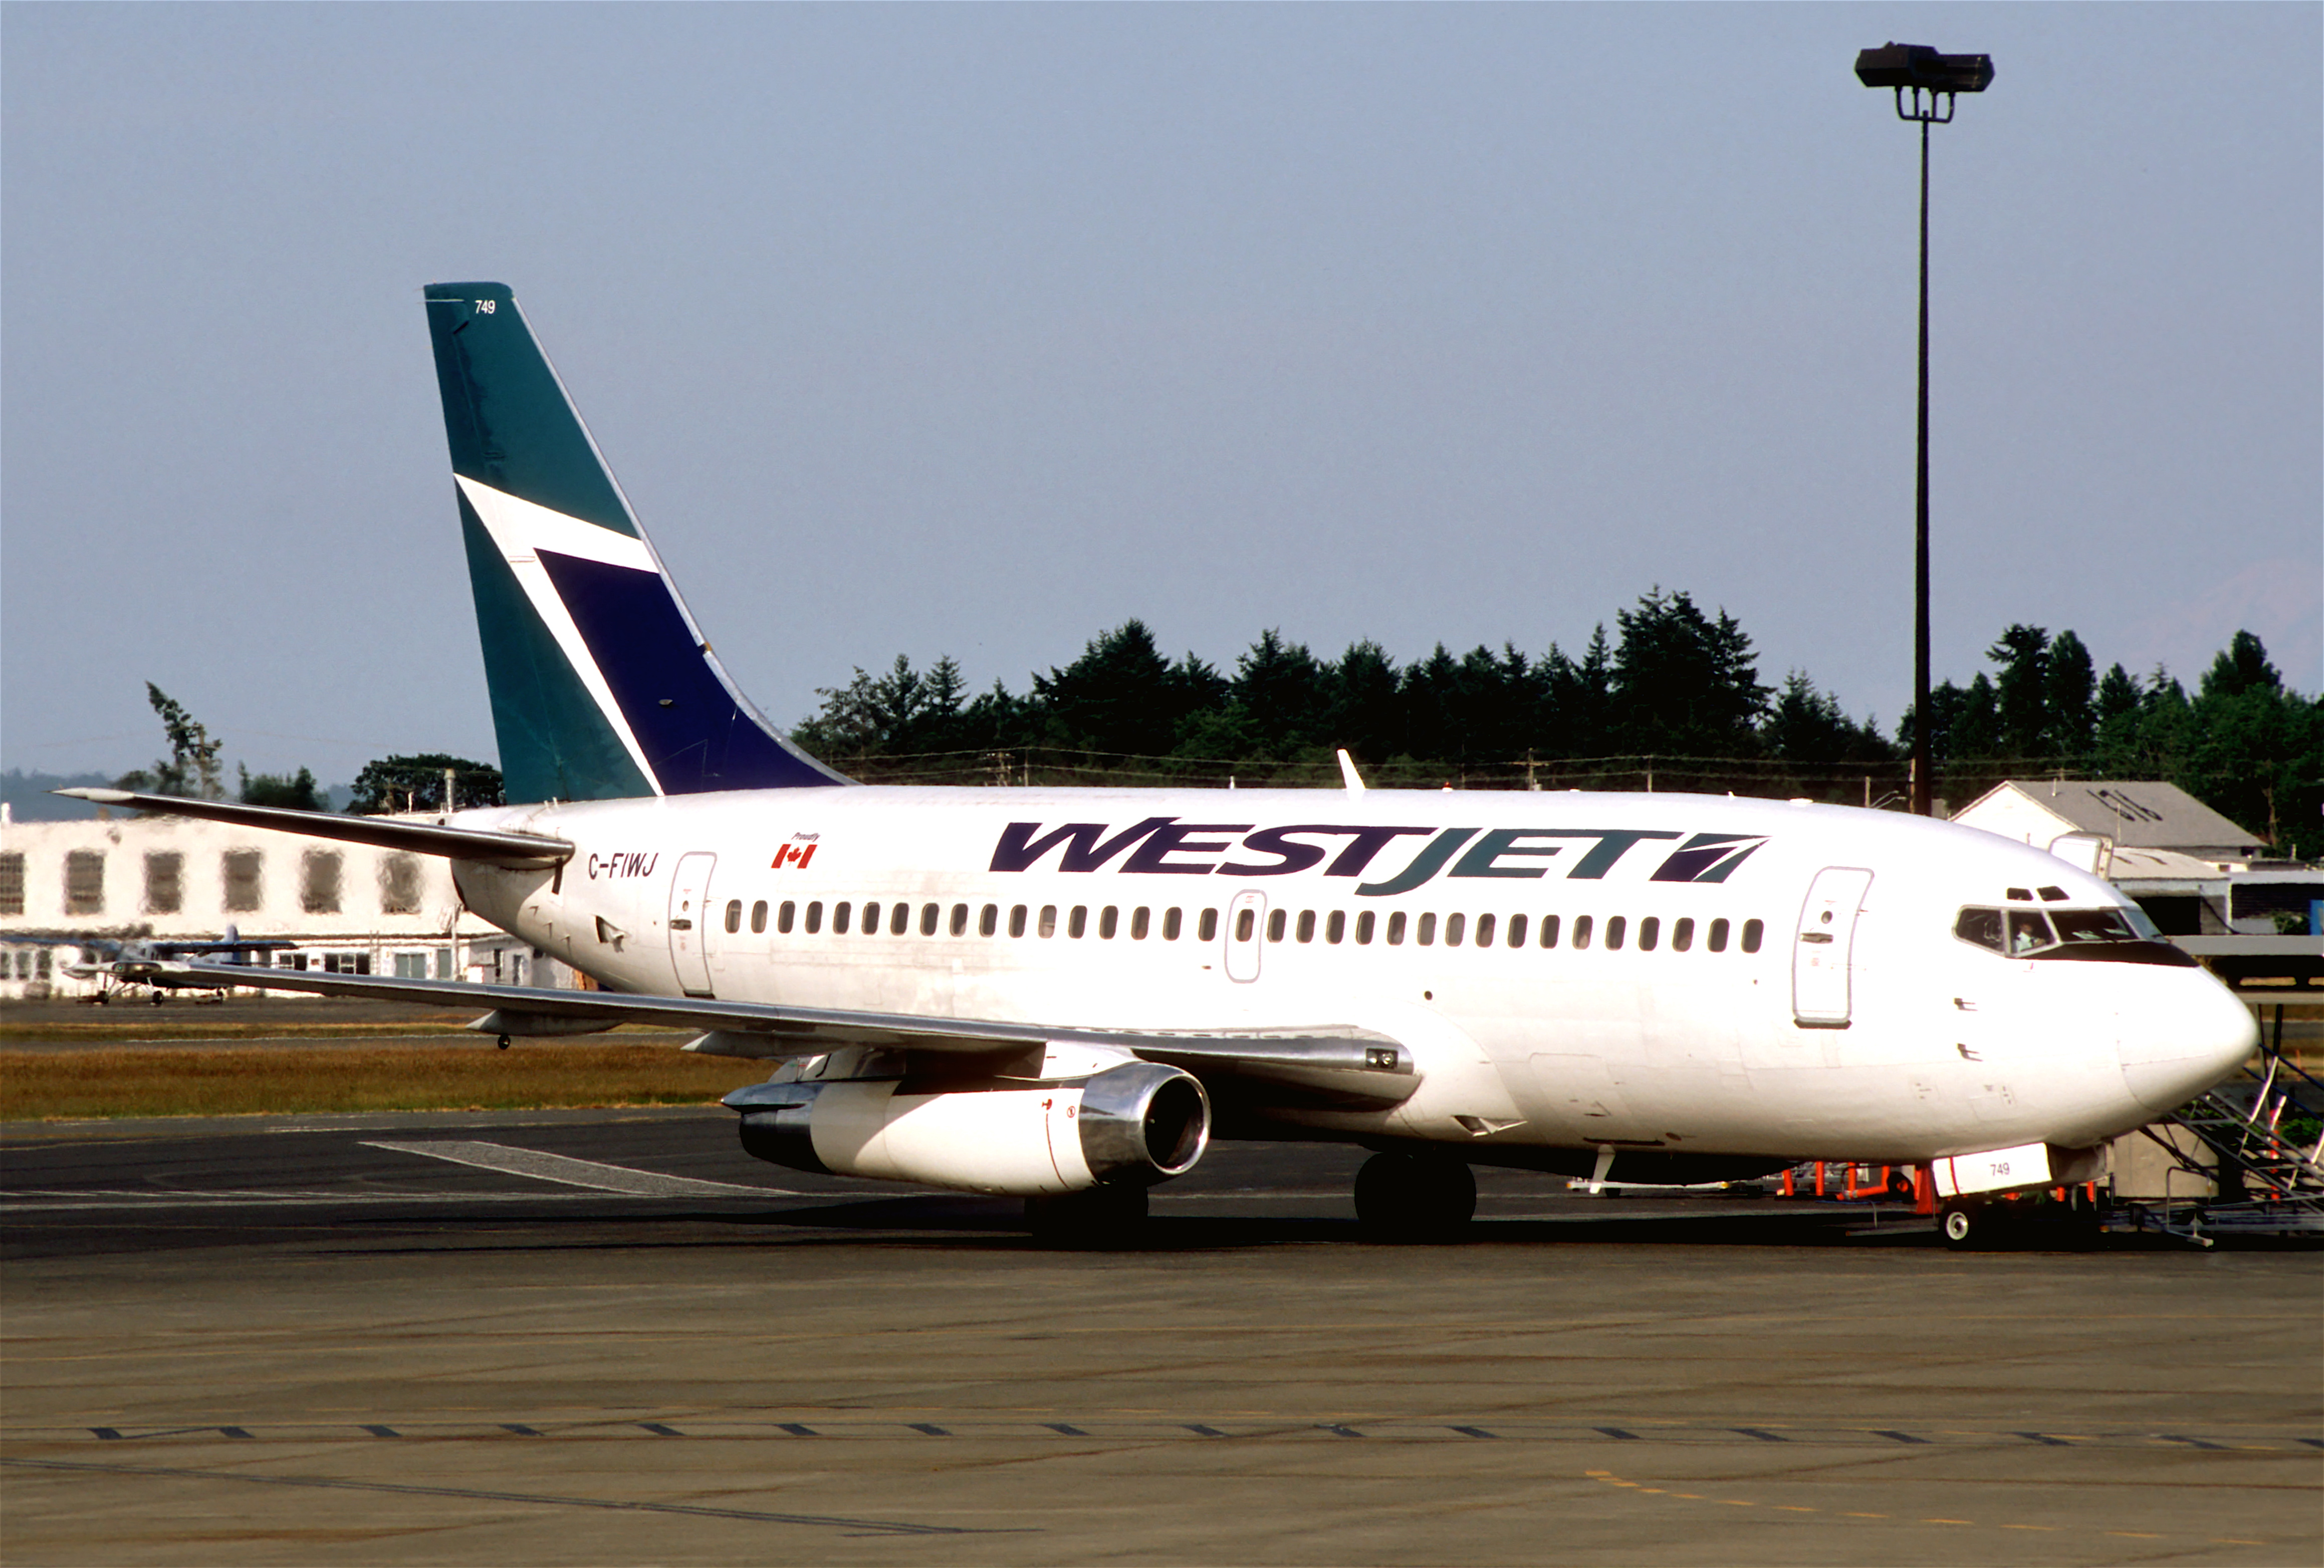 https://upload.wikimedia.org/wikipedia/commons/6/65/Westjet_Boeing_737-200%3B_C-FIWJ%2C_July_2003_%286169561288%29.jpg